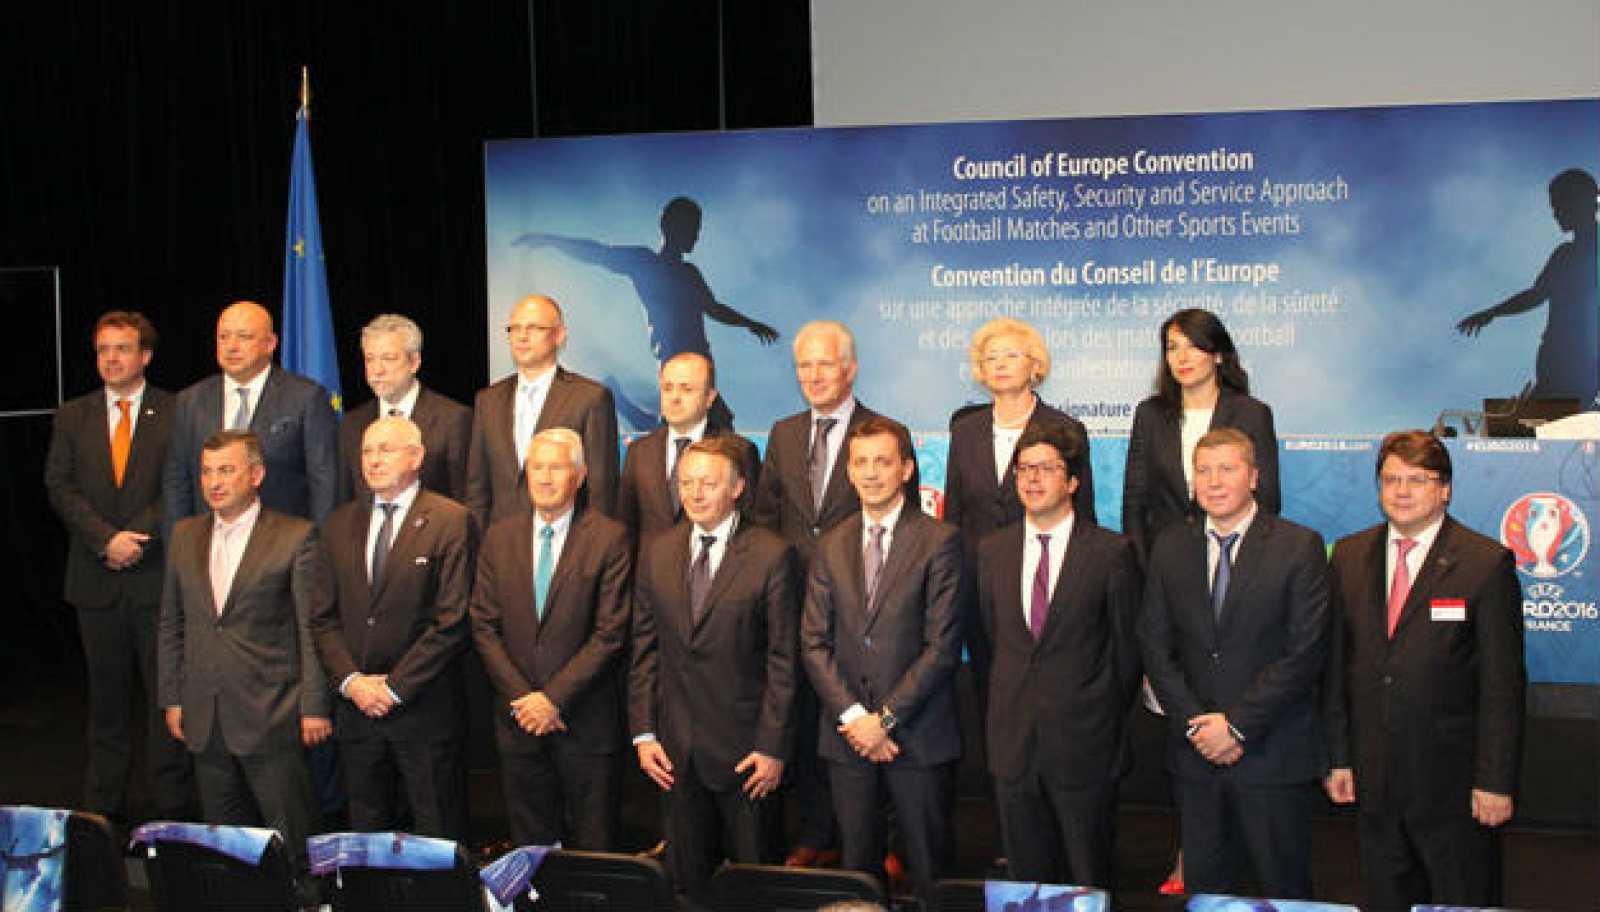 No juegues contra el deporte - Convenio del Consejo de Europa sobre la seguridad y los servicios durante los partidos de fútbol - 03/06/17 - Escuchar ahora